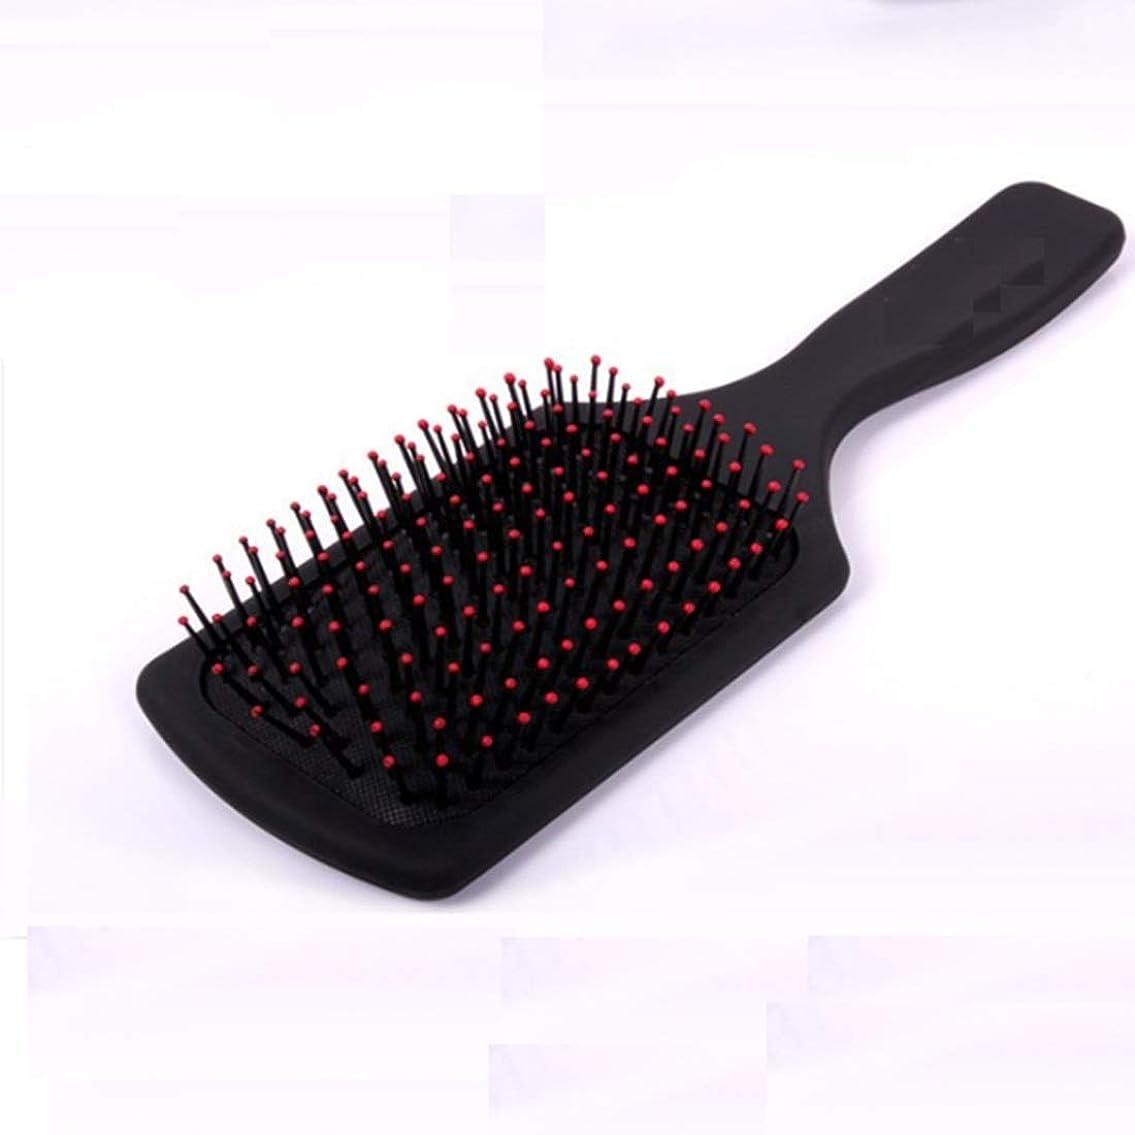 ヘアブラシ - マッサージの櫛毛と頭皮の熱と耐久性のある静電防止櫛サイズL/S (サイズ : L)